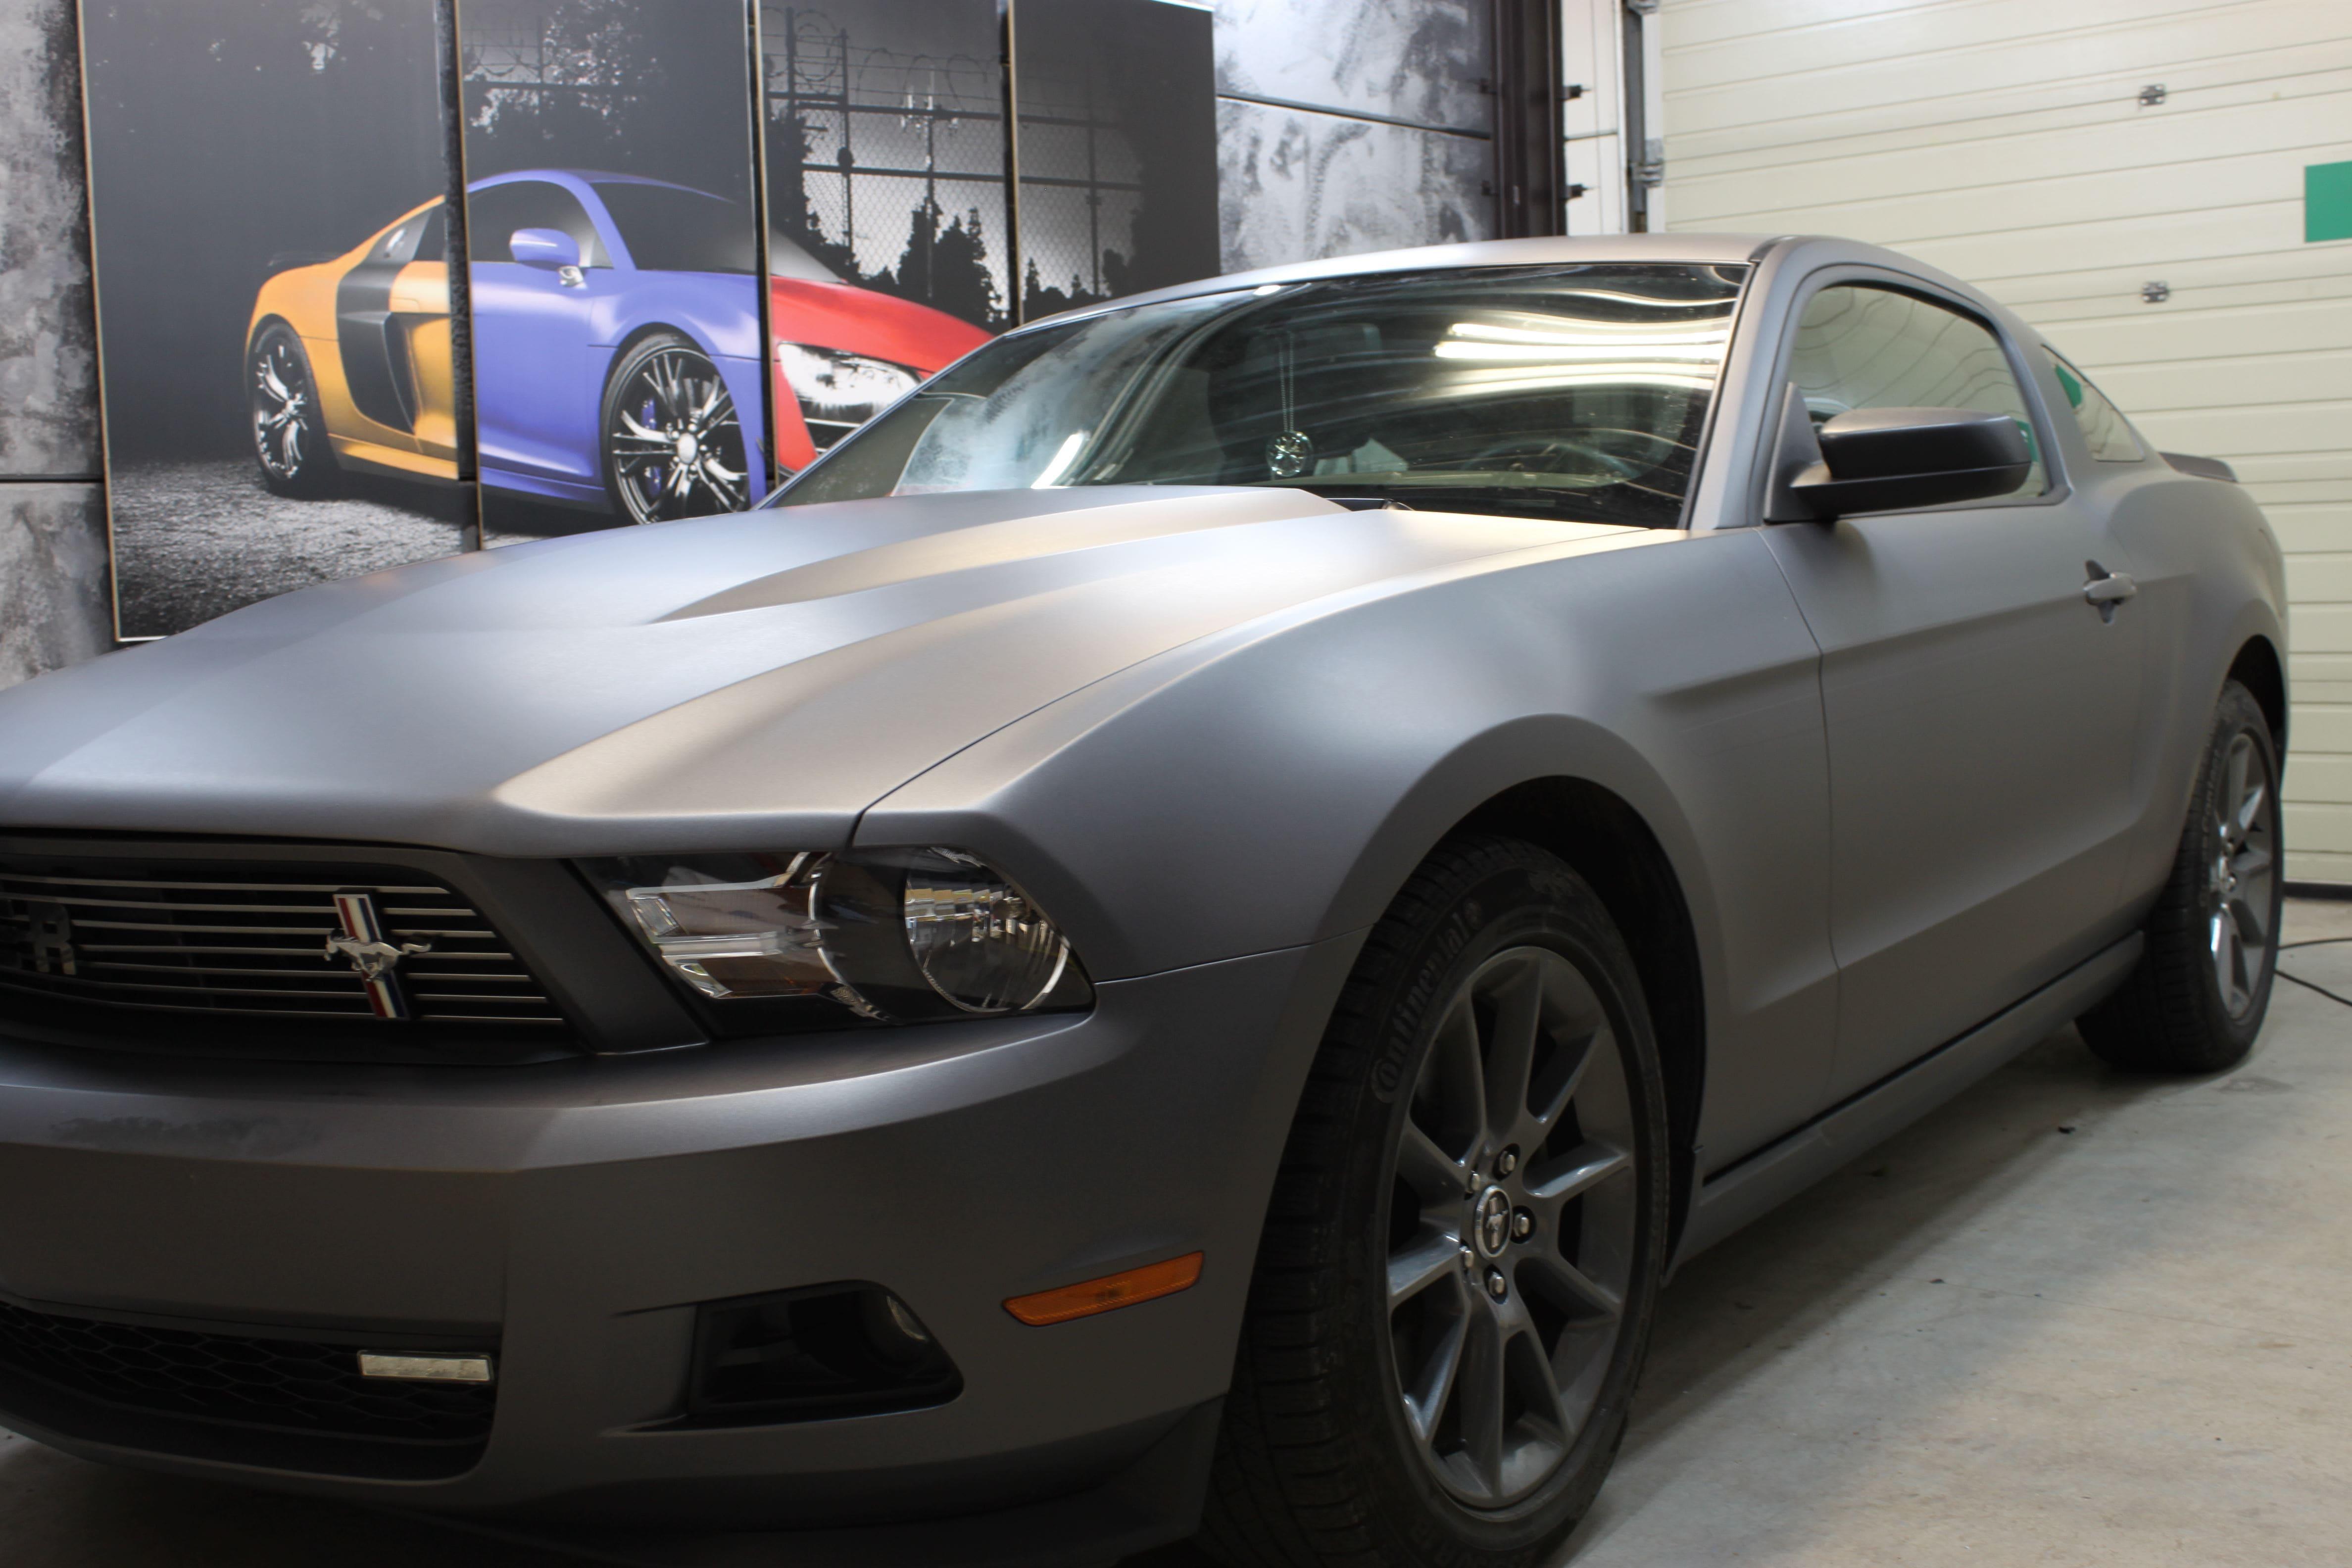 Ford Mustang 2009 met Gunpowder Wrap, Carwrapping door Wrapmyride.nu Foto-nr:5816, ©2021